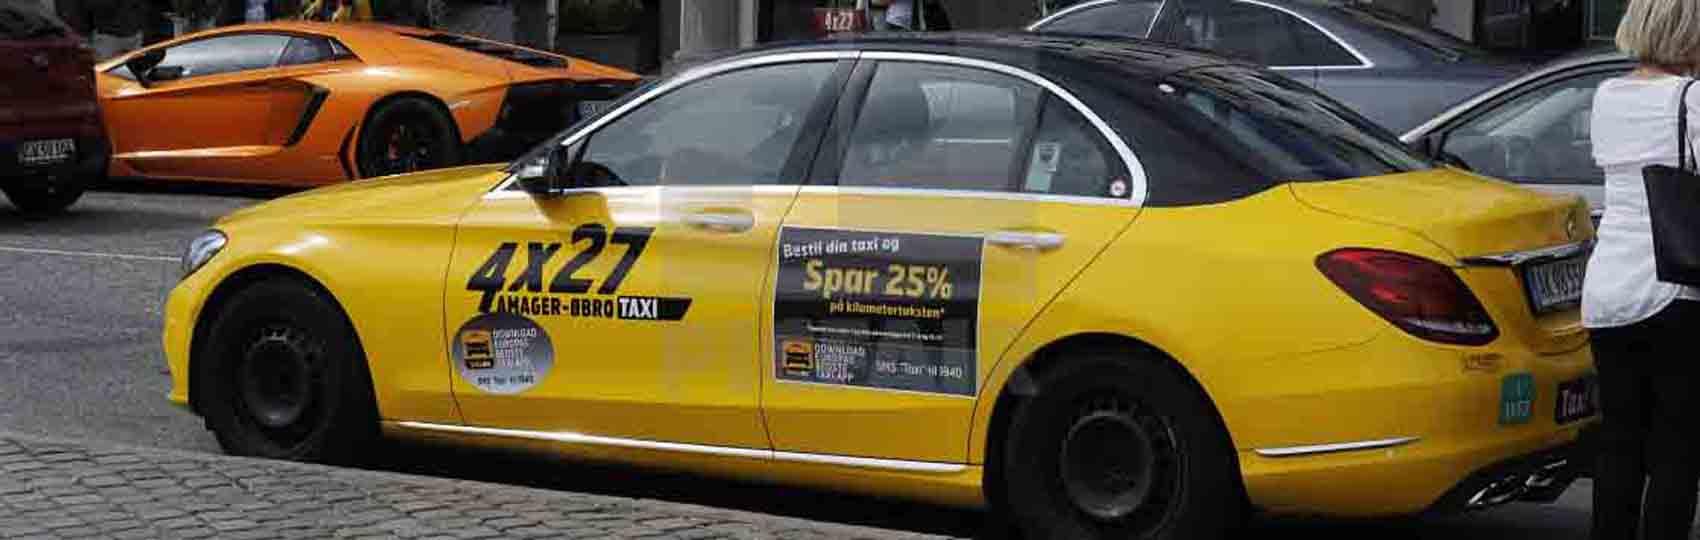 Noticias del sector del taxi y la movilidad en Dinamarca. Mantente informado de todas las noticias del taxi de Dinamarca en el grupo de Facebook de Todo Taxi.